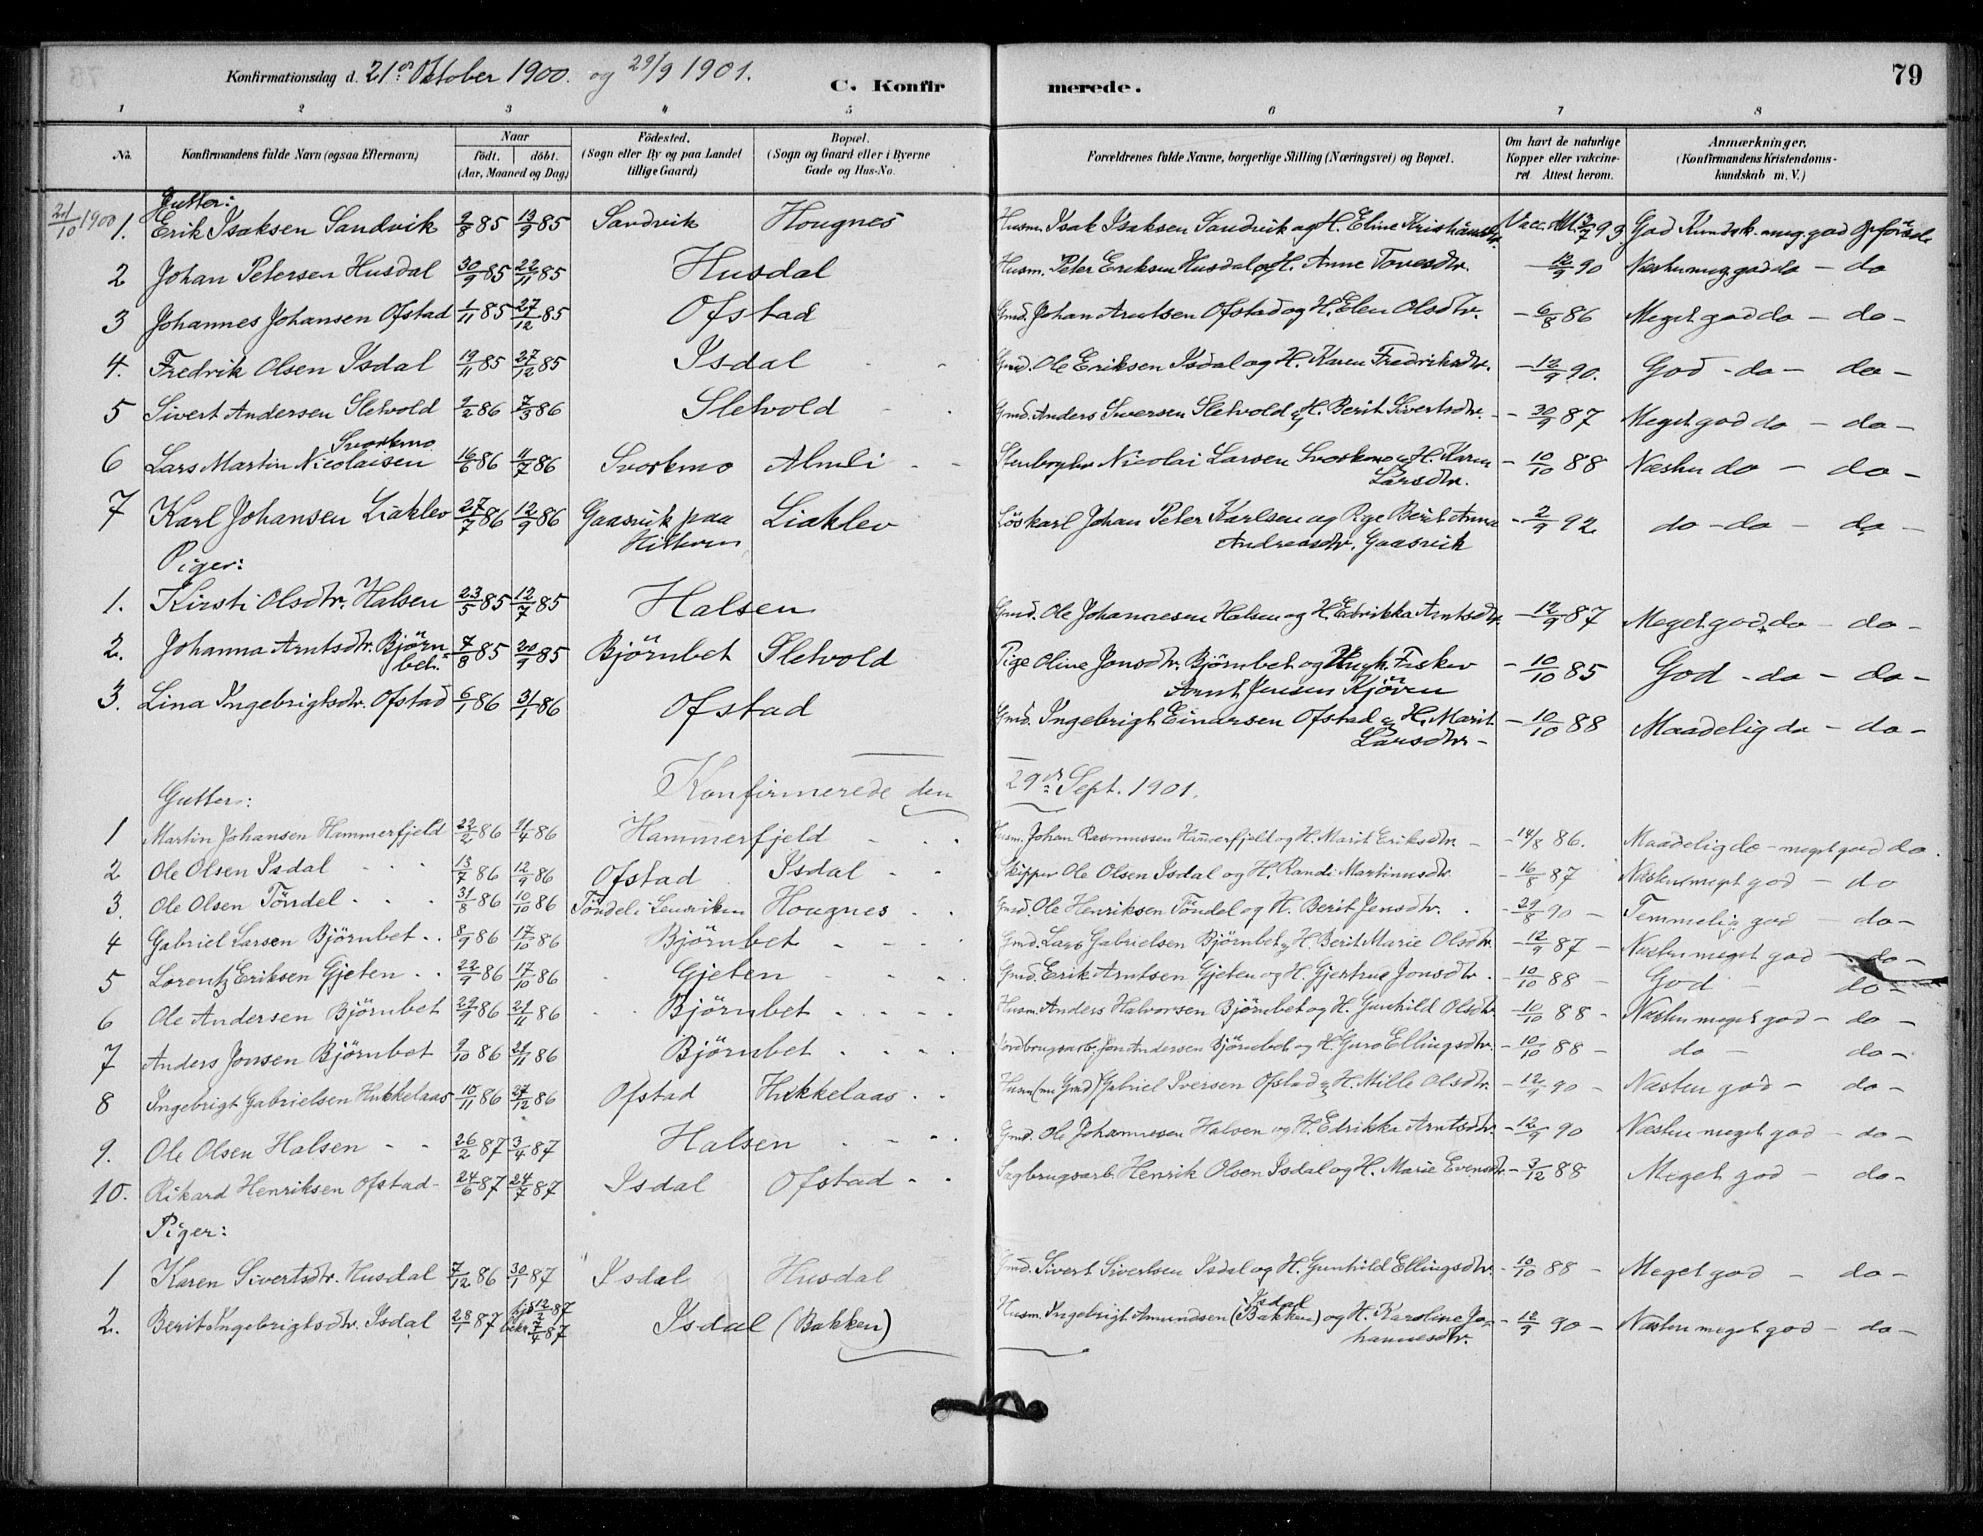 SAT, Ministerialprotokoller, klokkerbøker og fødselsregistre - Sør-Trøndelag, 670/L0836: Ministerialbok nr. 670A01, 1879-1904, s. 79